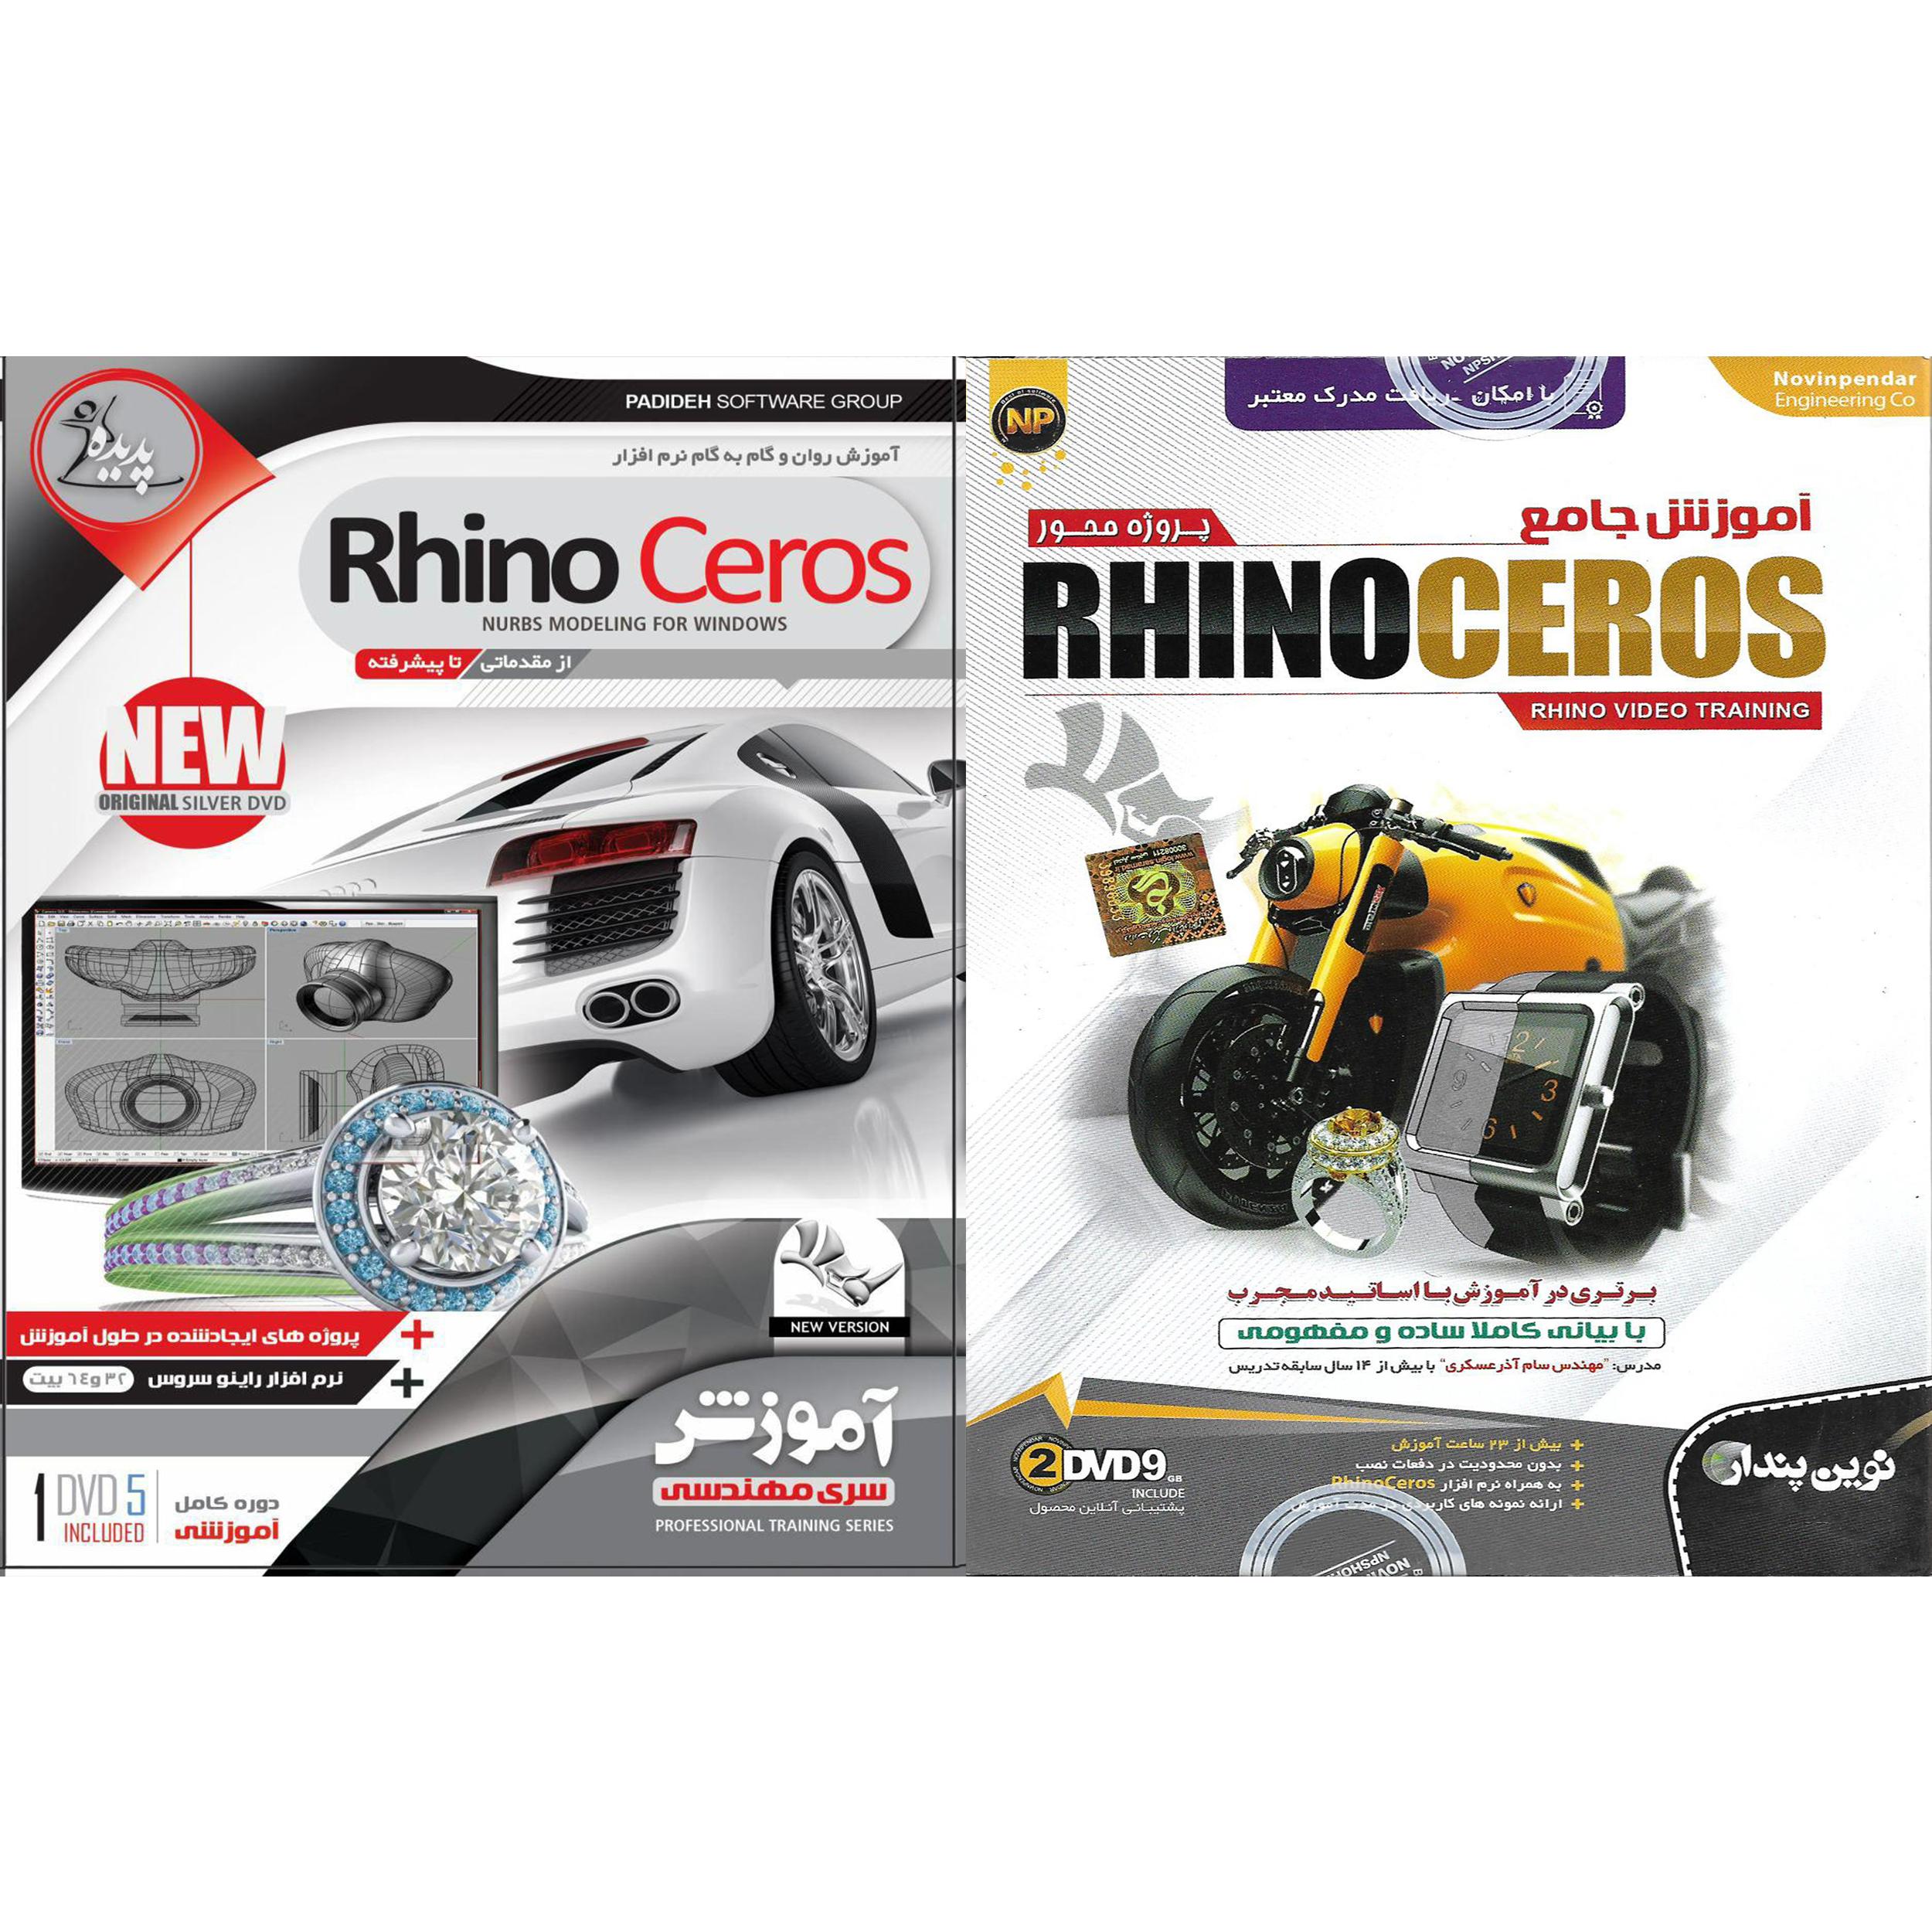 نرم افزار آموزش پروژه محور RHINOCEROS نشر نوین پندار به همراه نرم افزار آموزش RHINO CEROS نشر پدیده